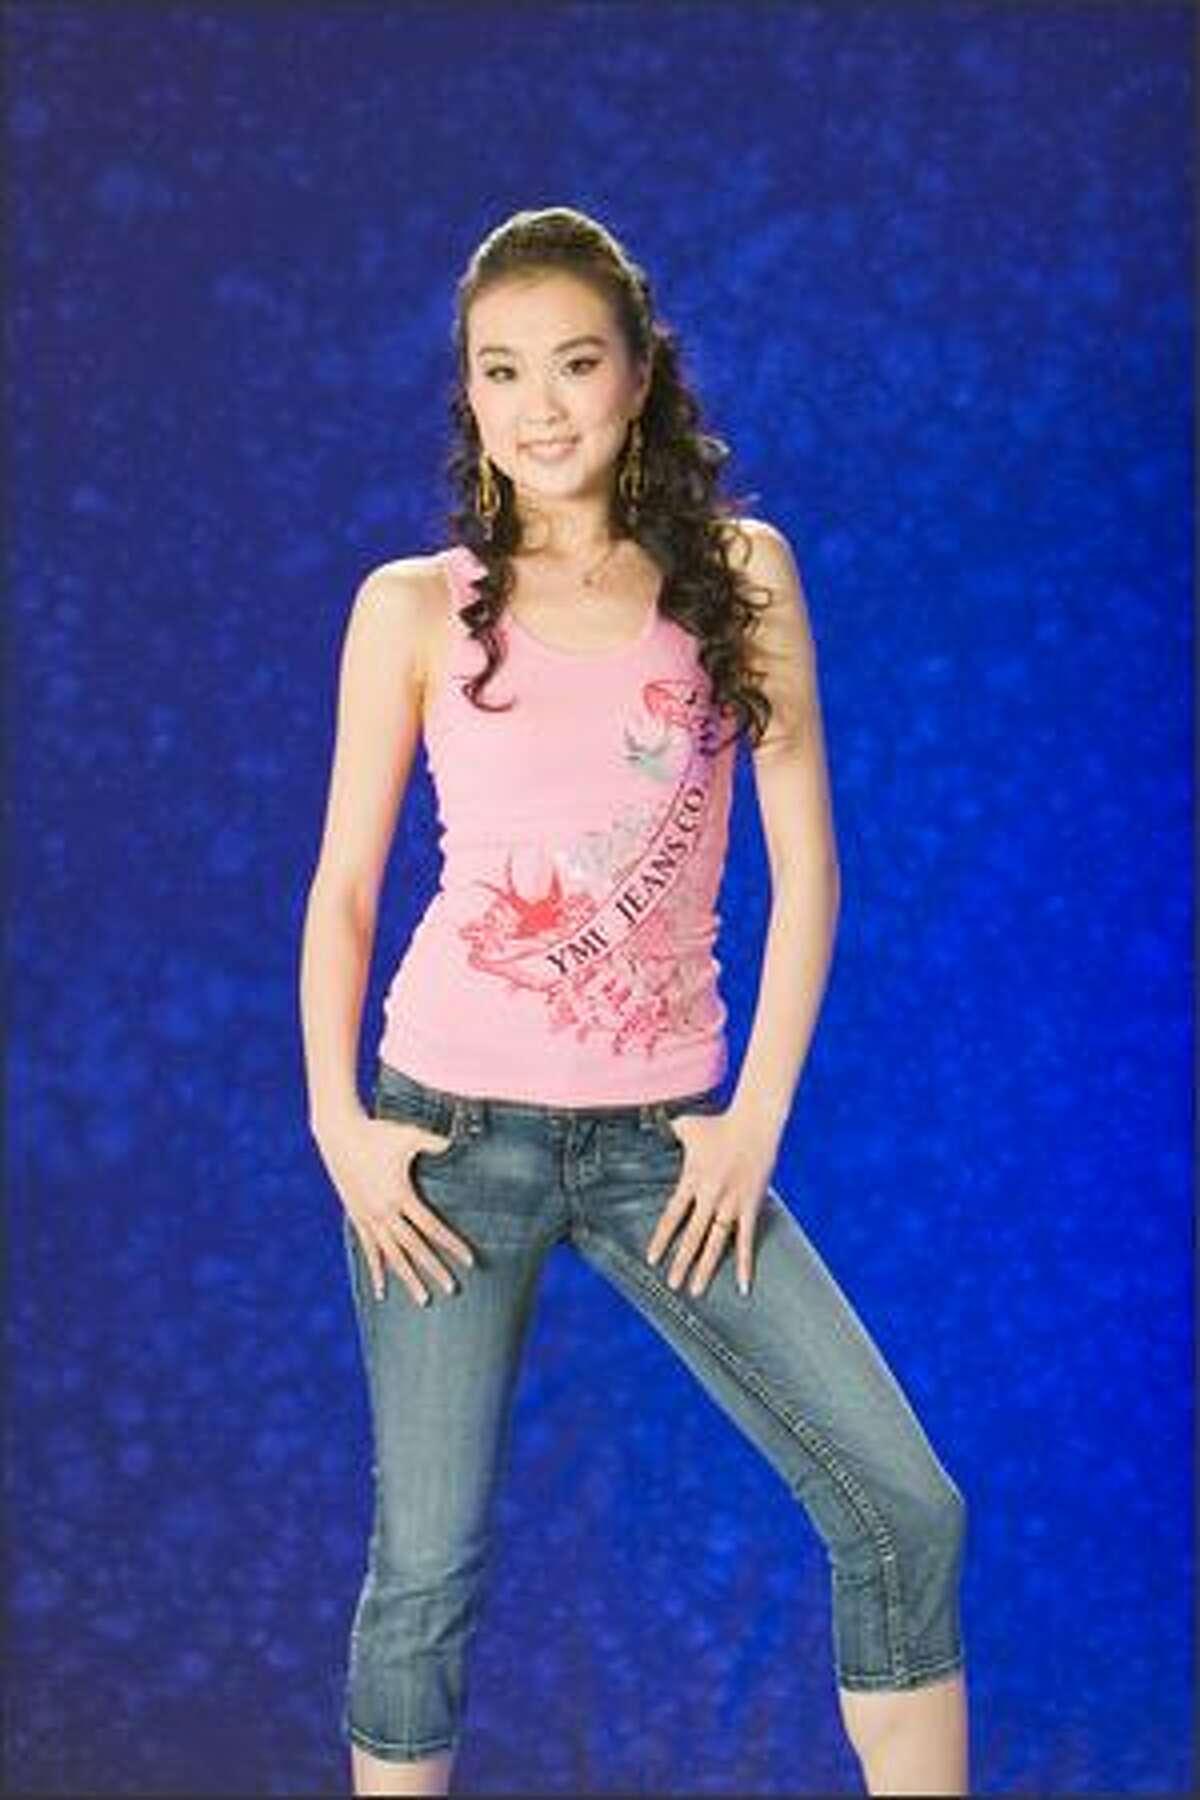 Ningning Zhang, Miss China 2007.